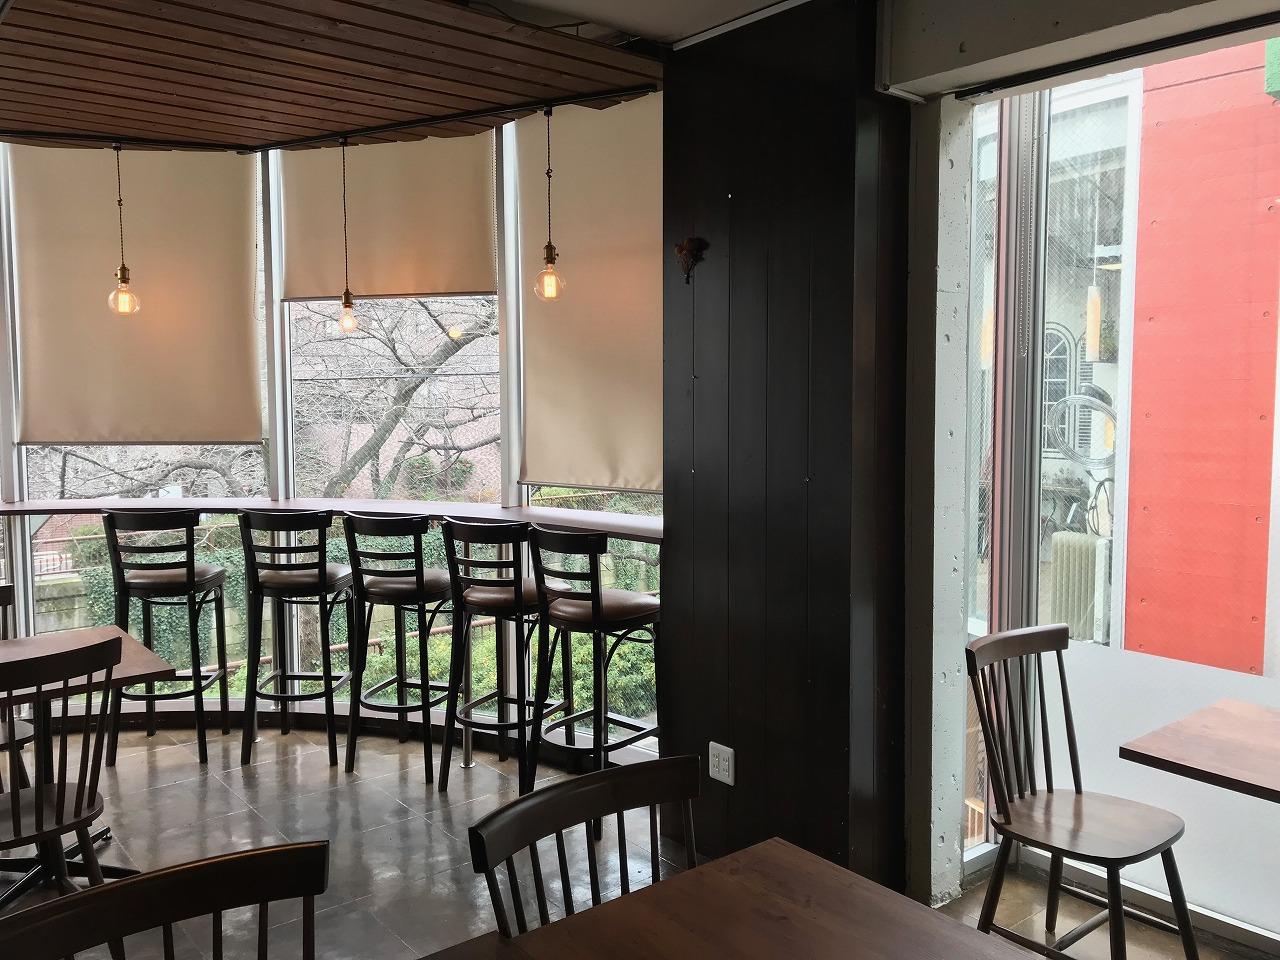 上海の味や雰囲気を日本人にも楽しんでもらうべく、中目黒の物件を取得。桜の季節までの開業を目指す!